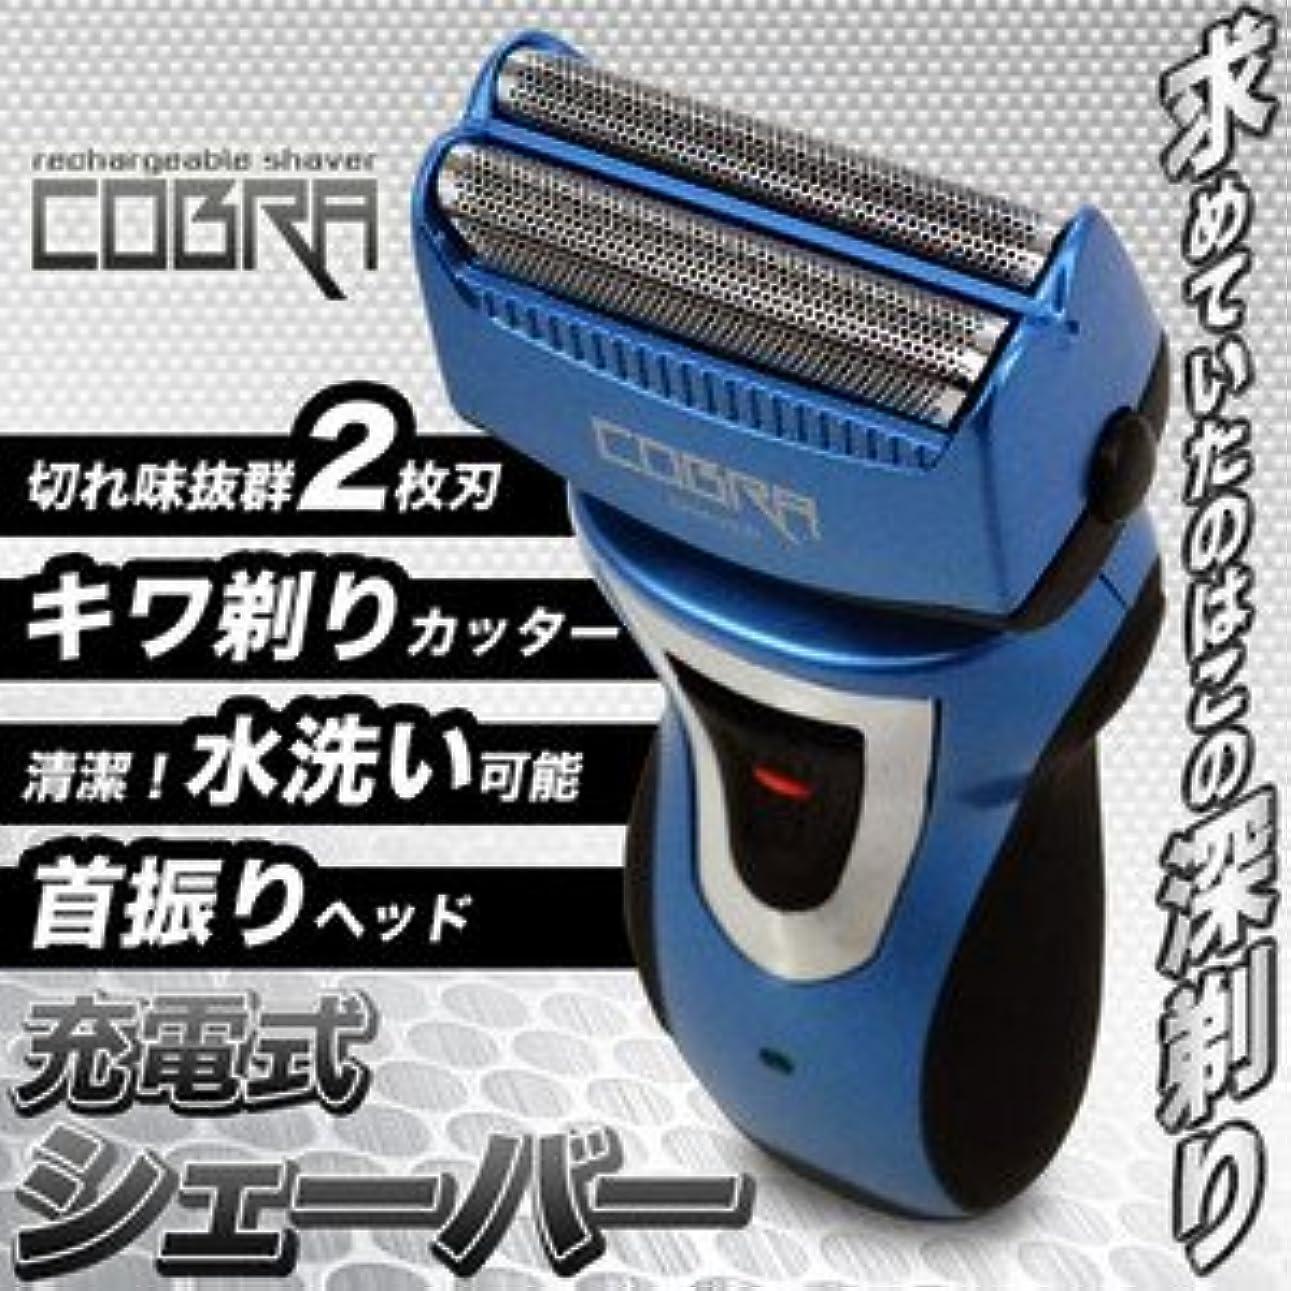 王女咳ロール★限定商品!◆髭剃り/シェーバー◆充電式/コブラ◆RQ-720青